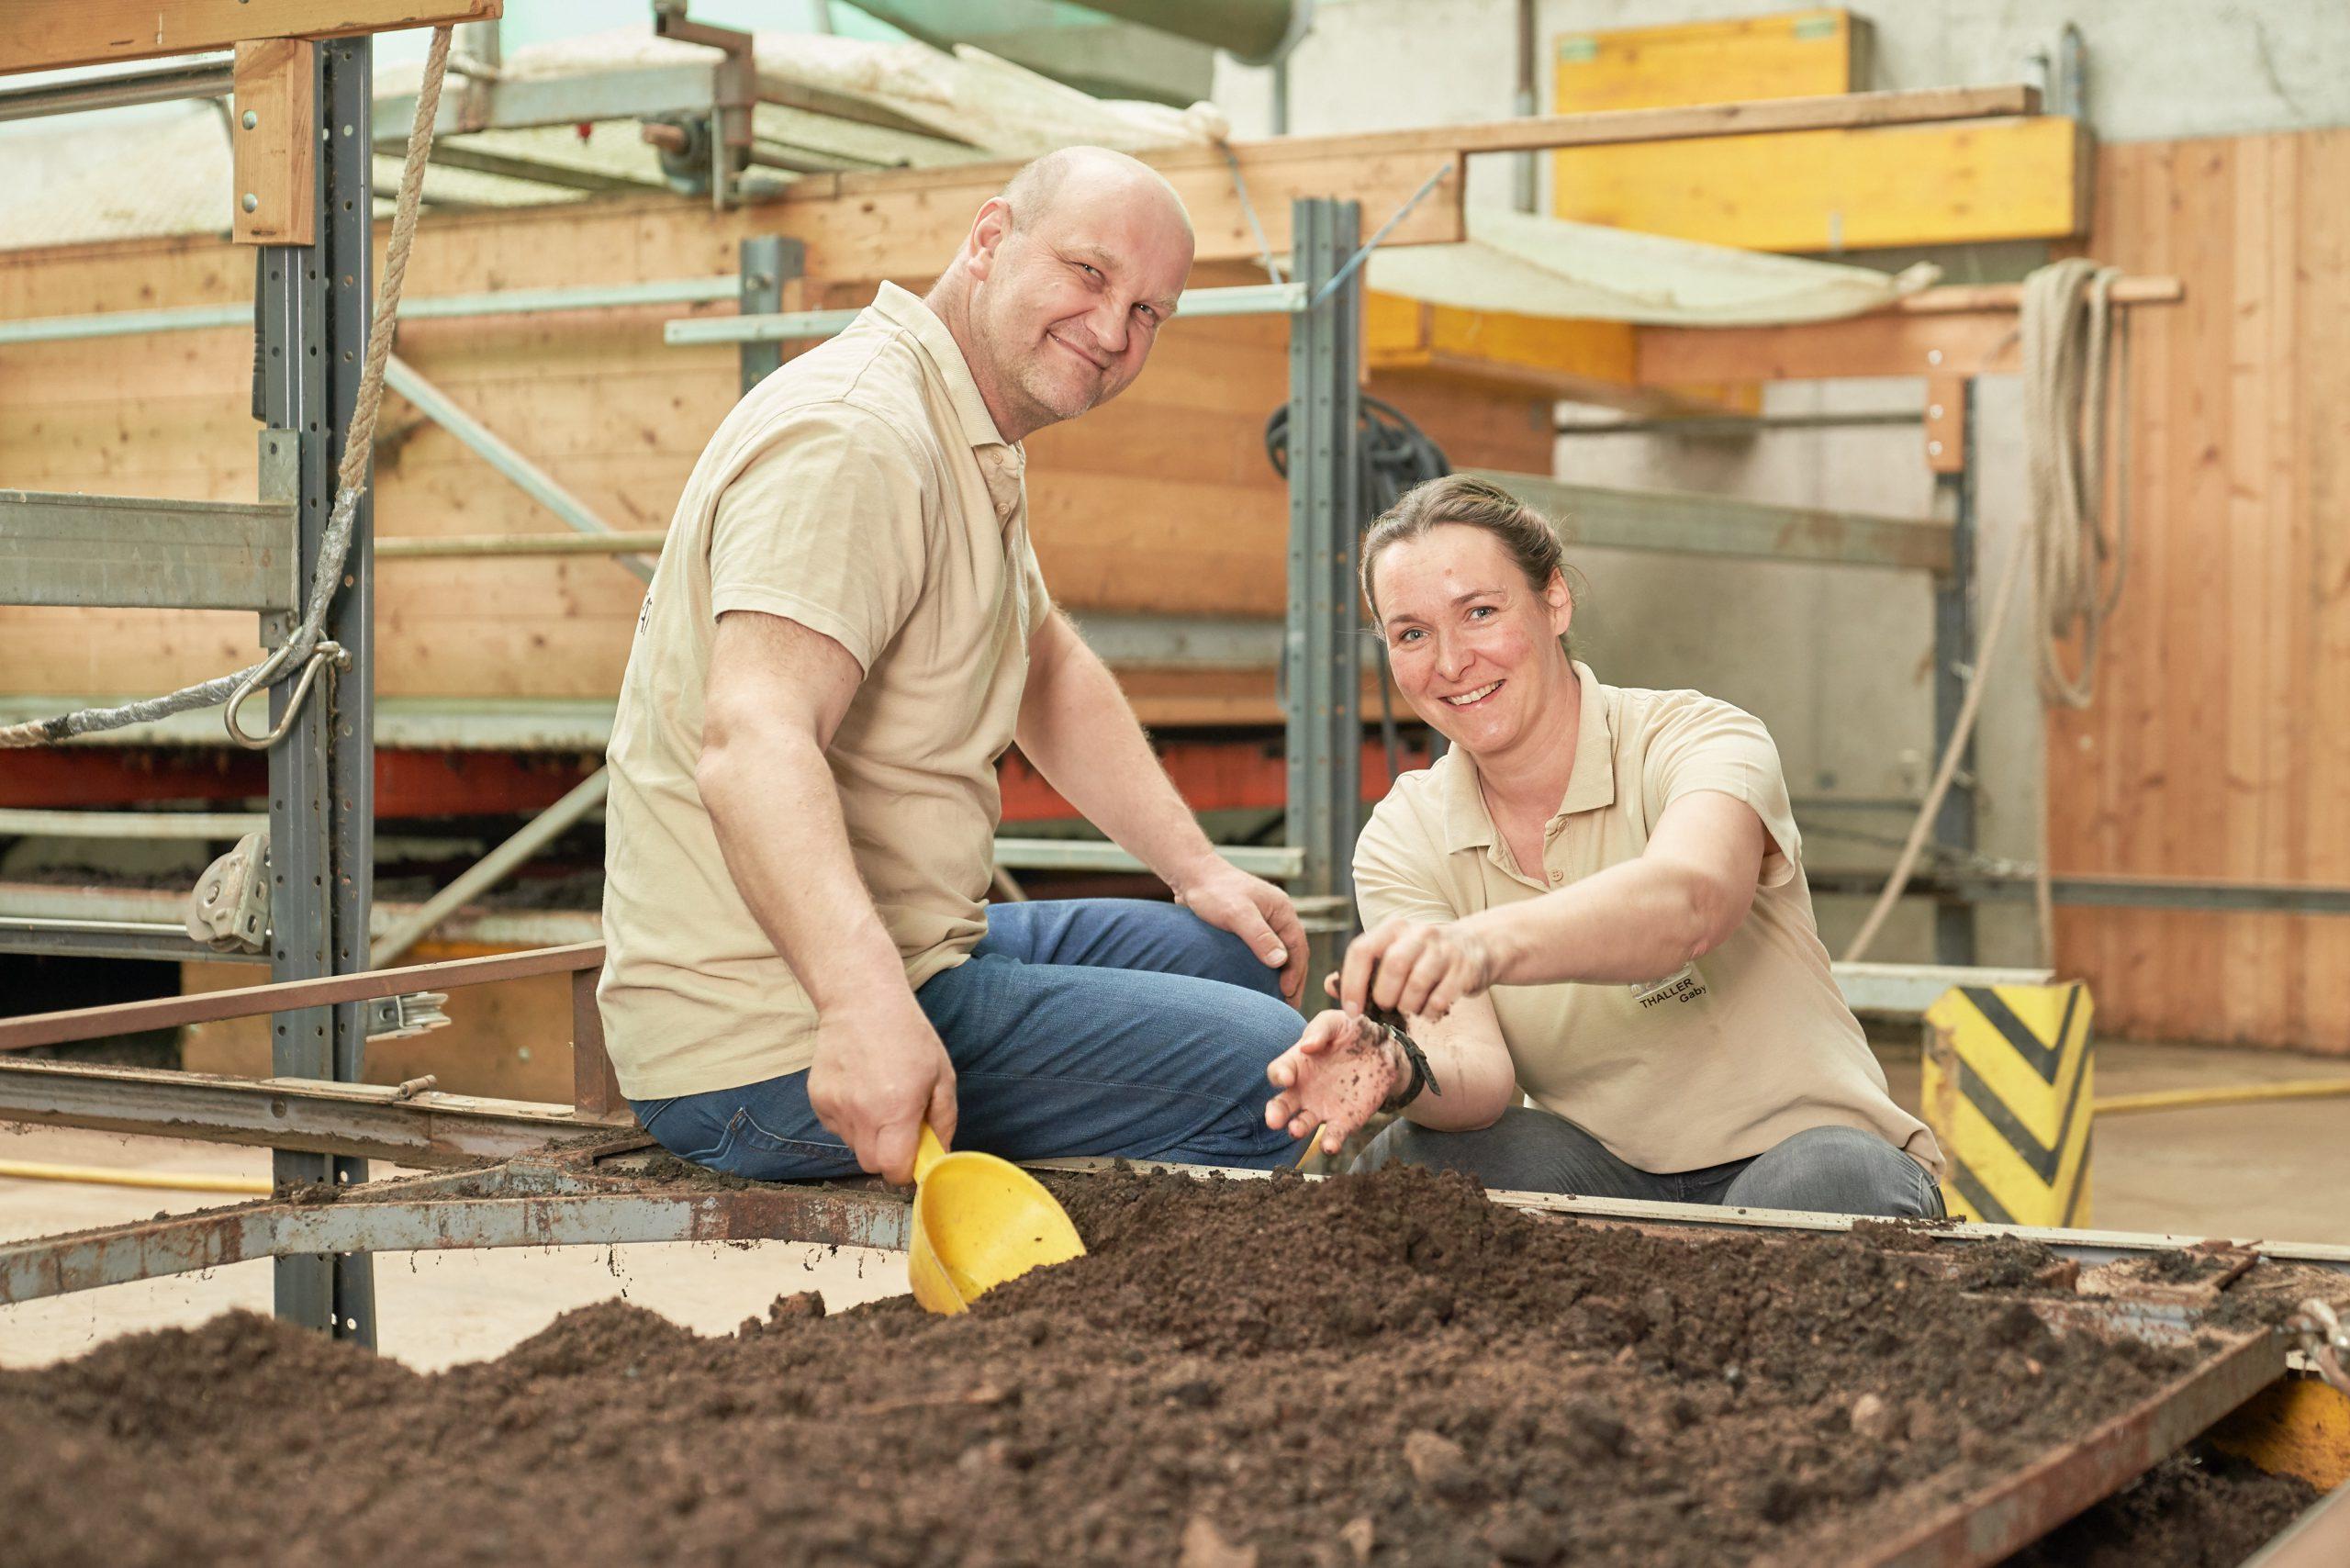 Herr und Frau Thaller vor einer Erdkiste mit einem Kompostwurf